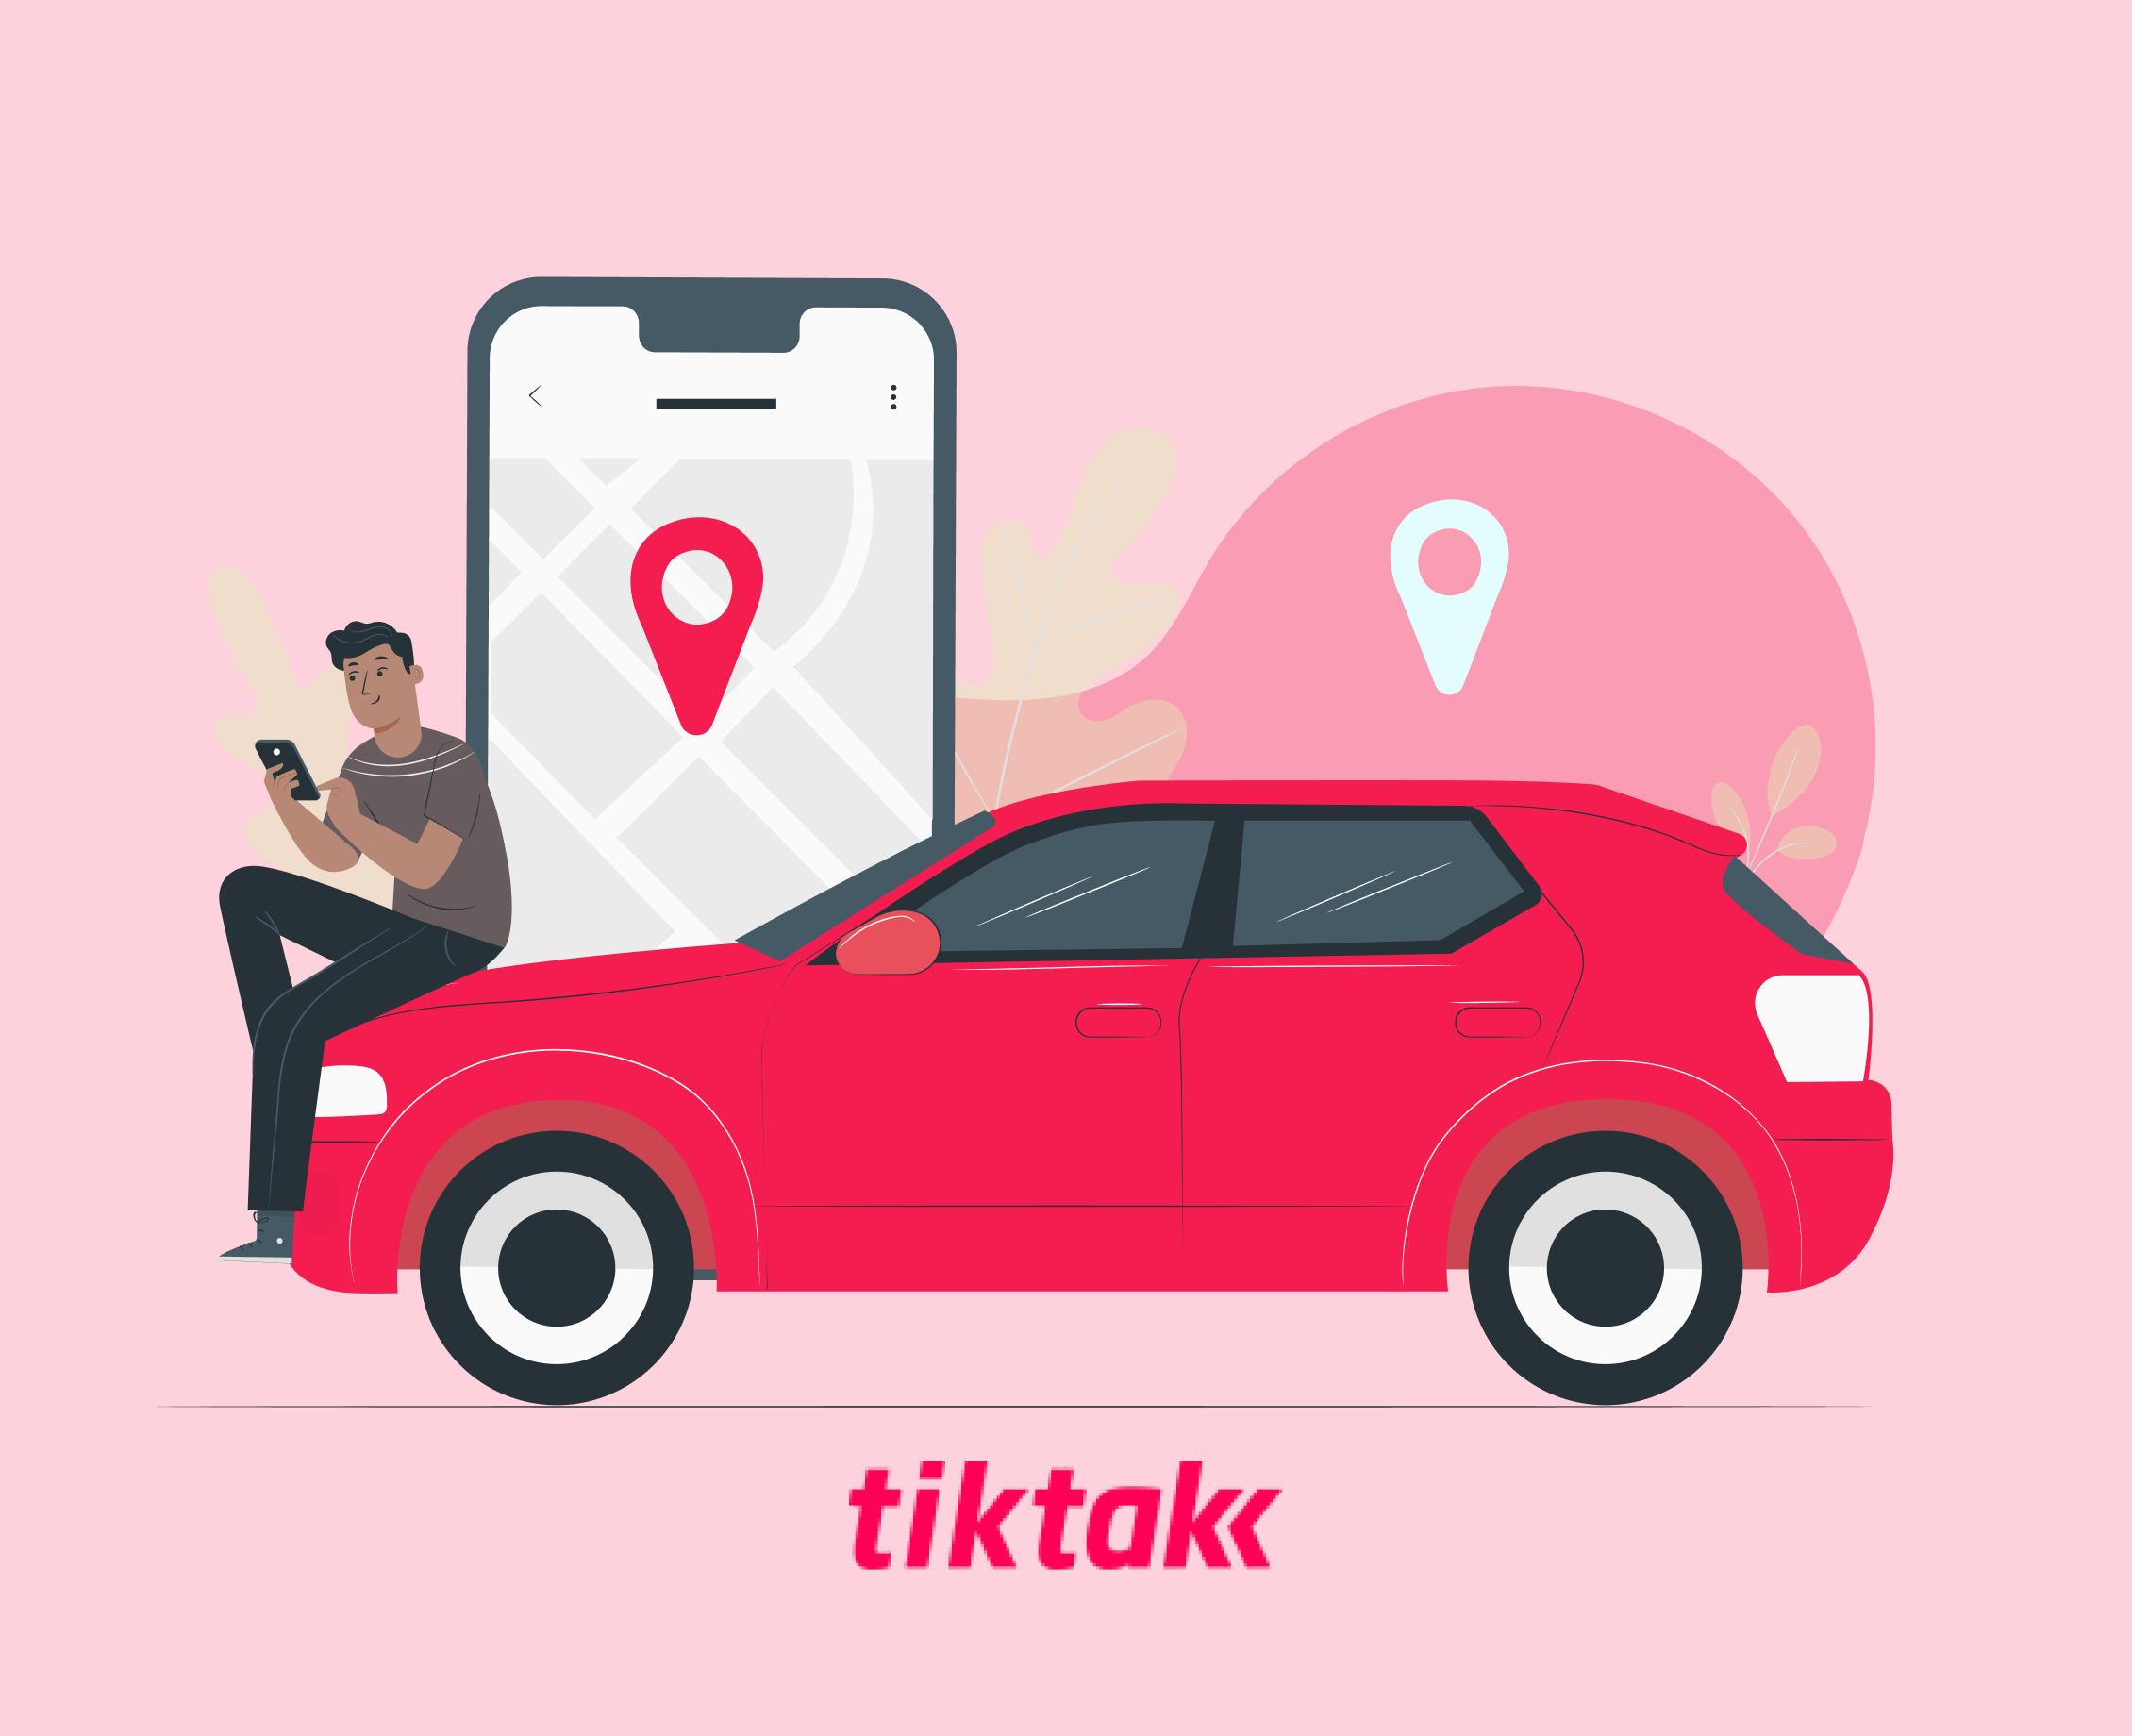 tiktak-userspots-ux-kullanıcı-deneyimi-tasarım